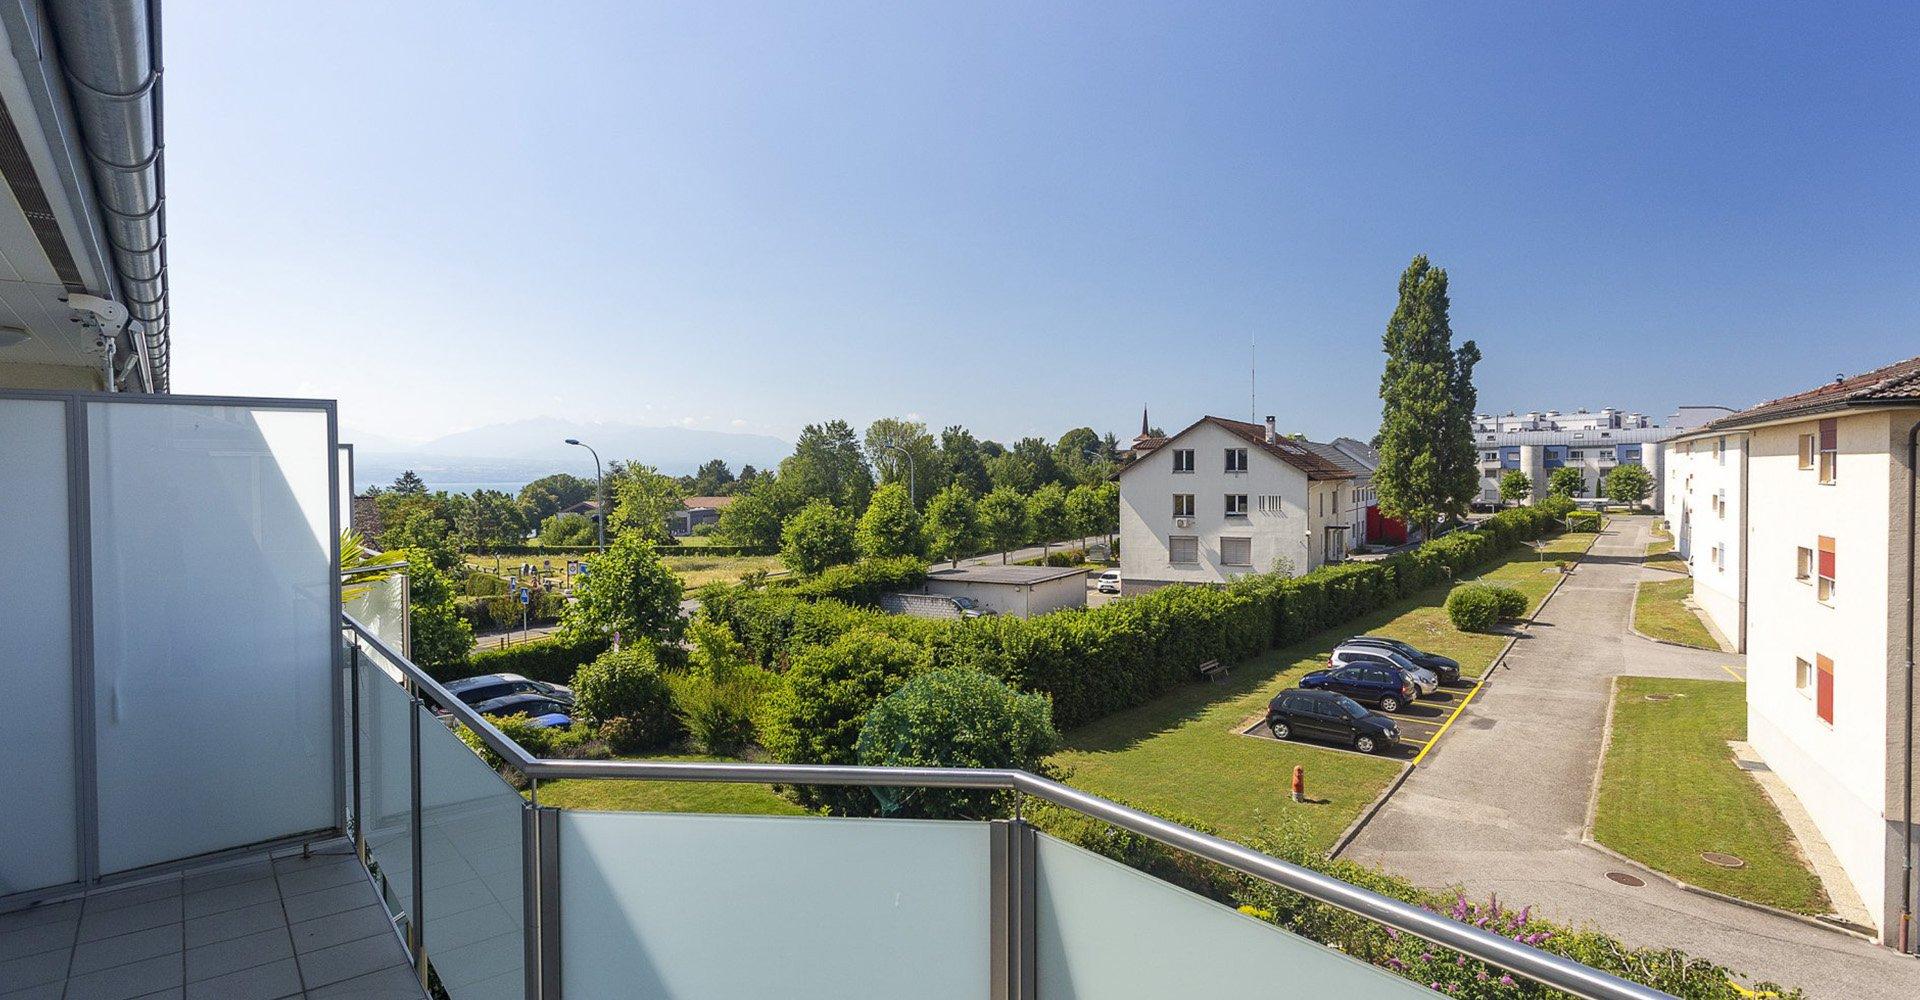 Immobilier  Domicim  Agence immobilire en Suisse Romande